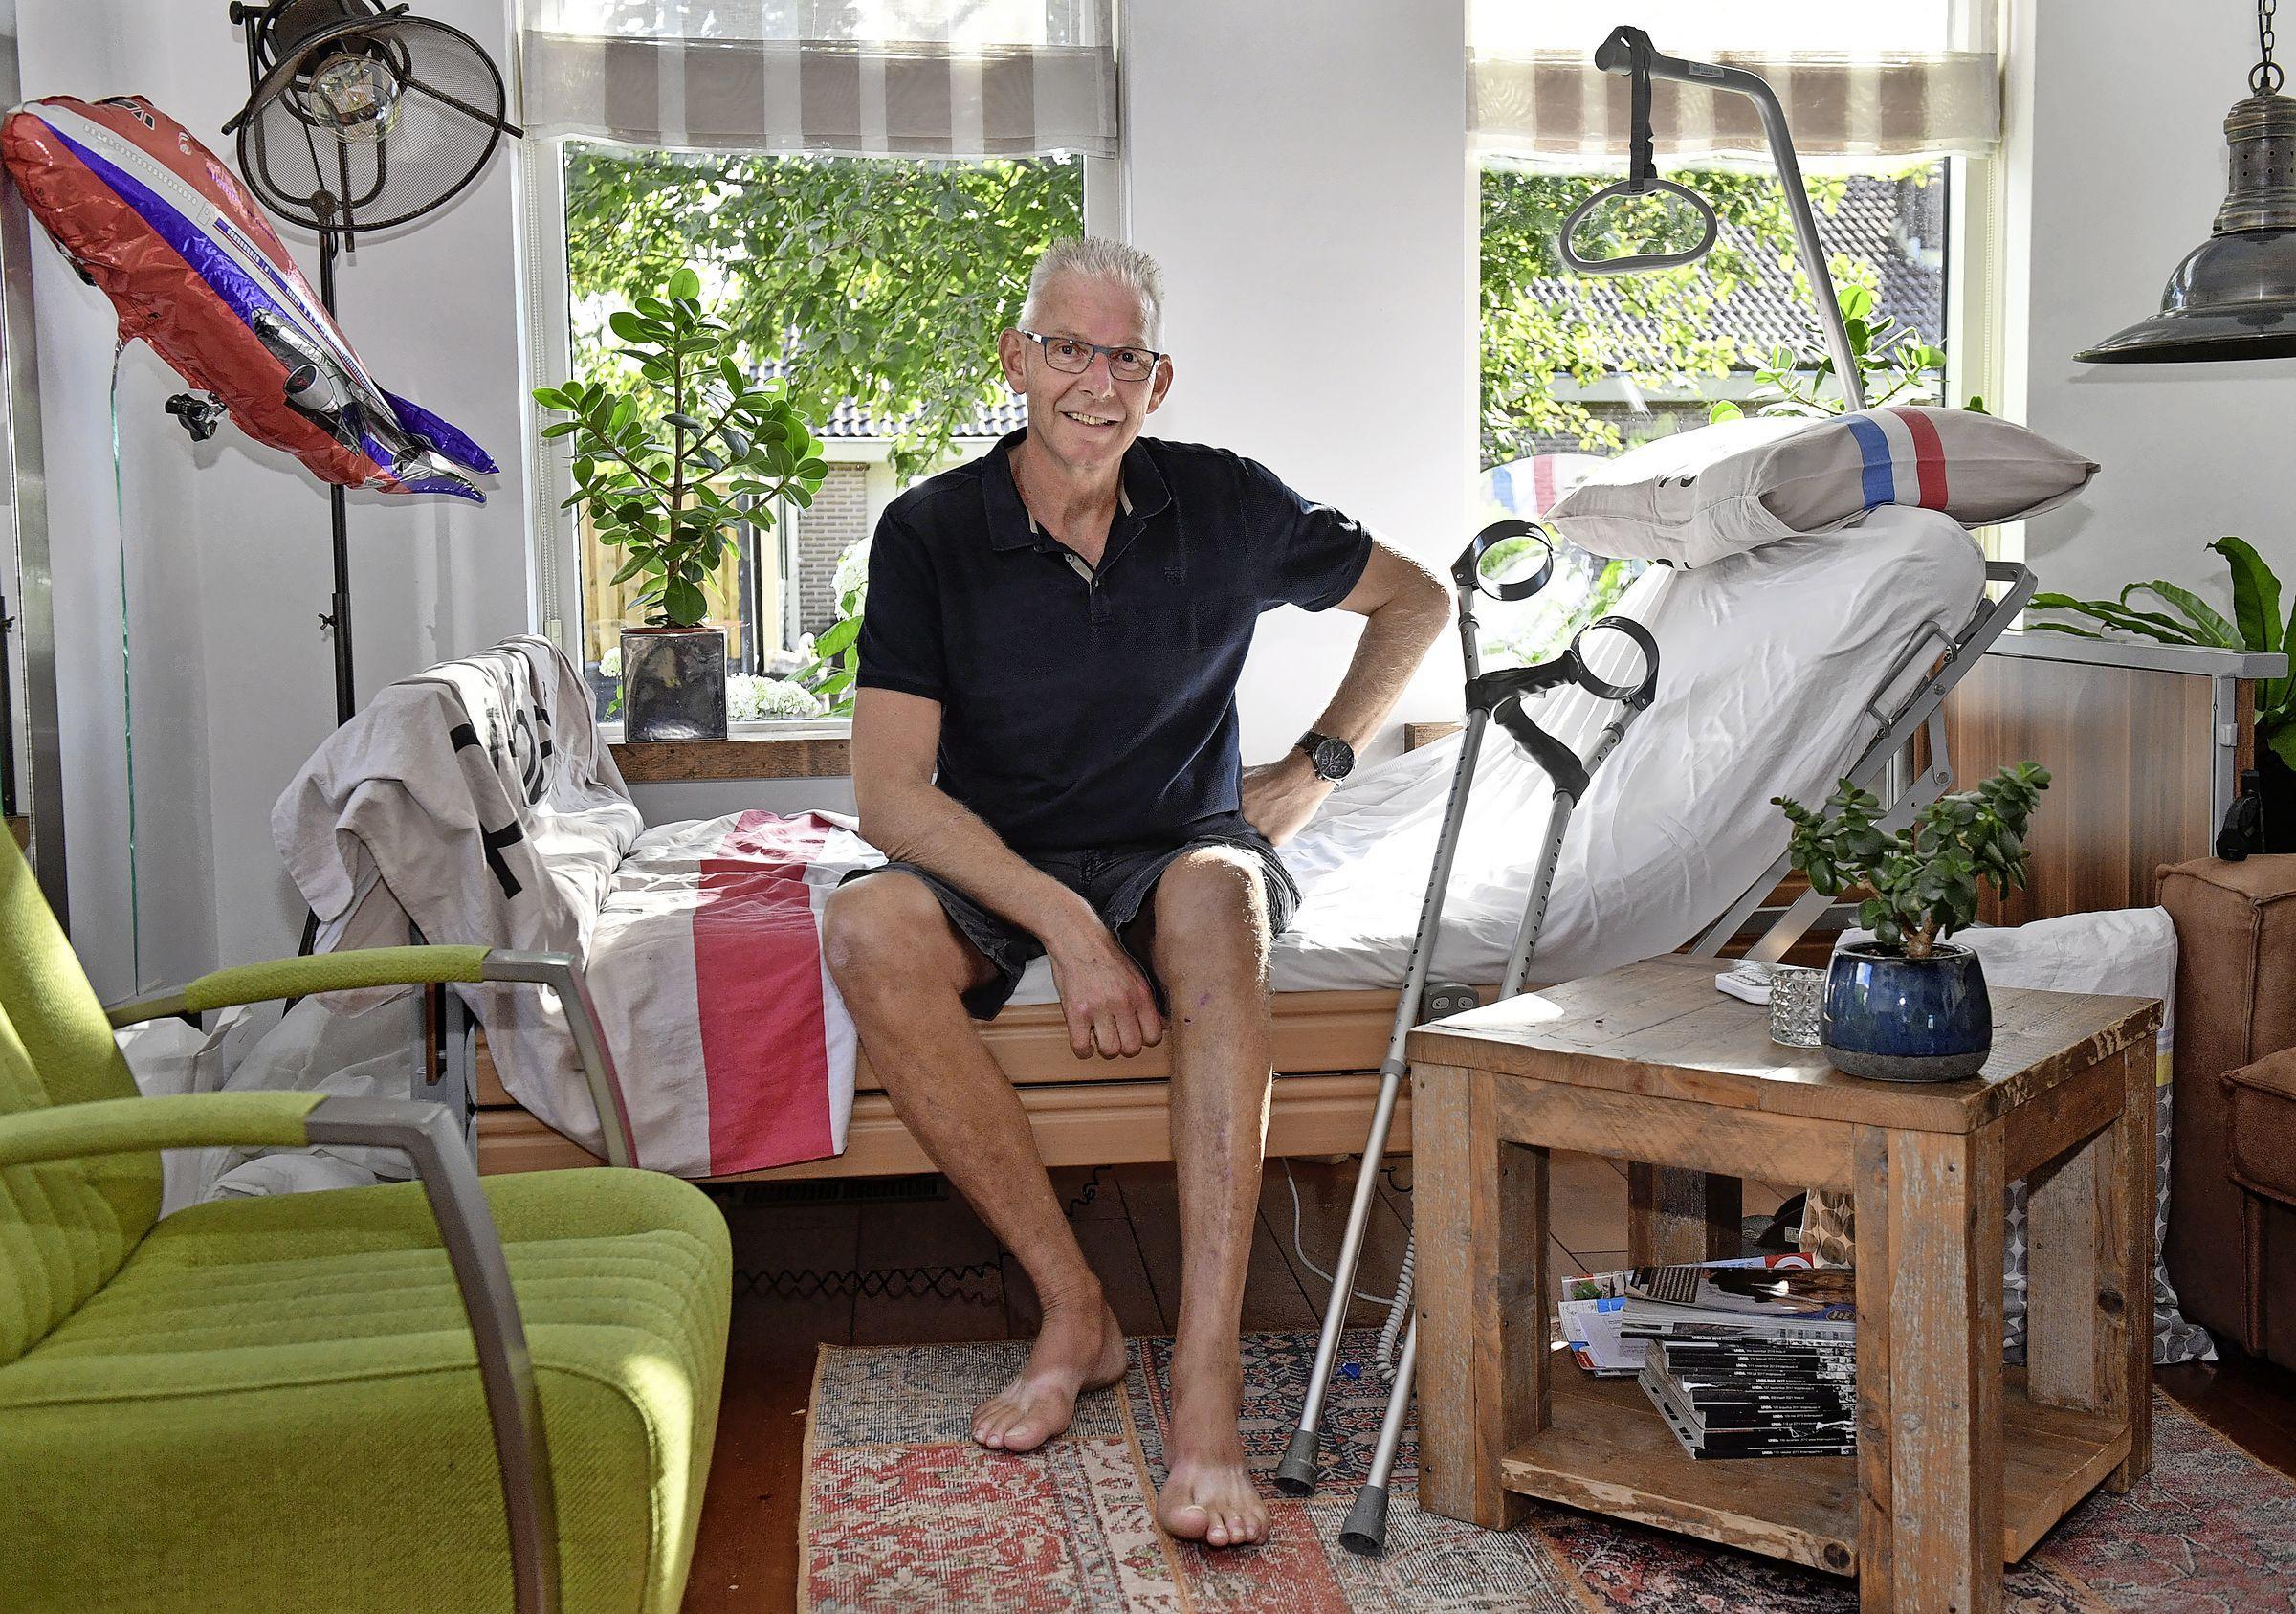 Tegenslagen stapelen zich op voor Dirk Snip, maar Langedijker is niet klein te krijgen: 'Een WK dreibanden organiseren blijft mijn ultieme uitdaging'